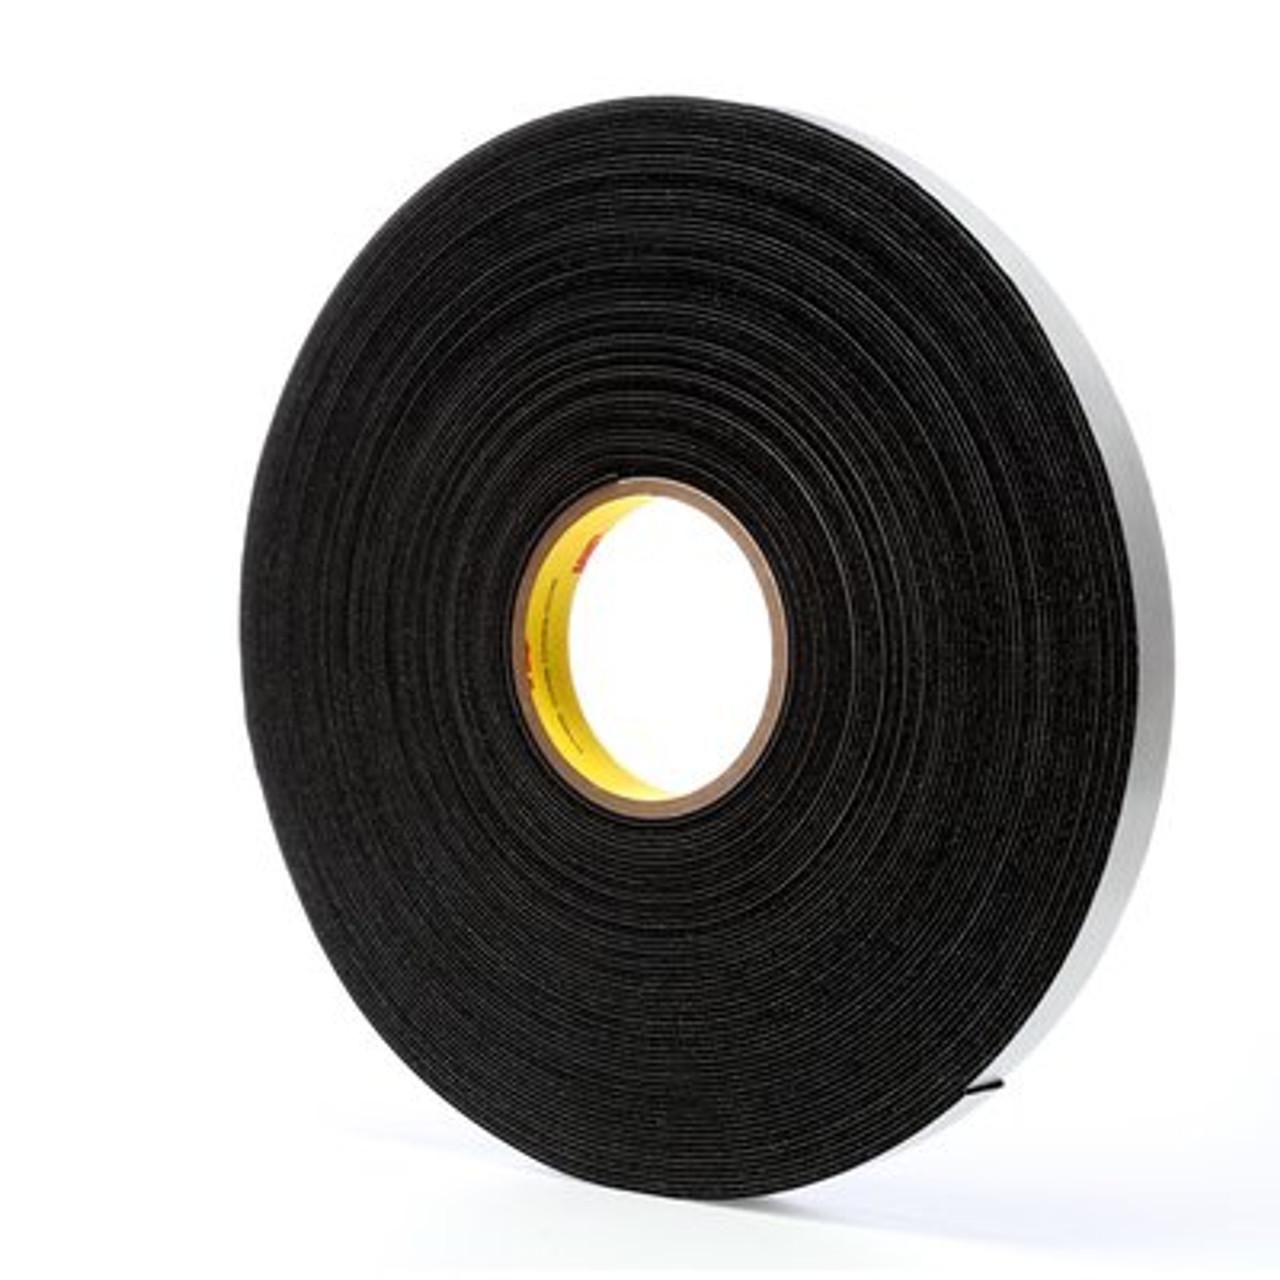 3M™ Vinyl Foam Tape 4516 Black, 3/4 in x 36 yd